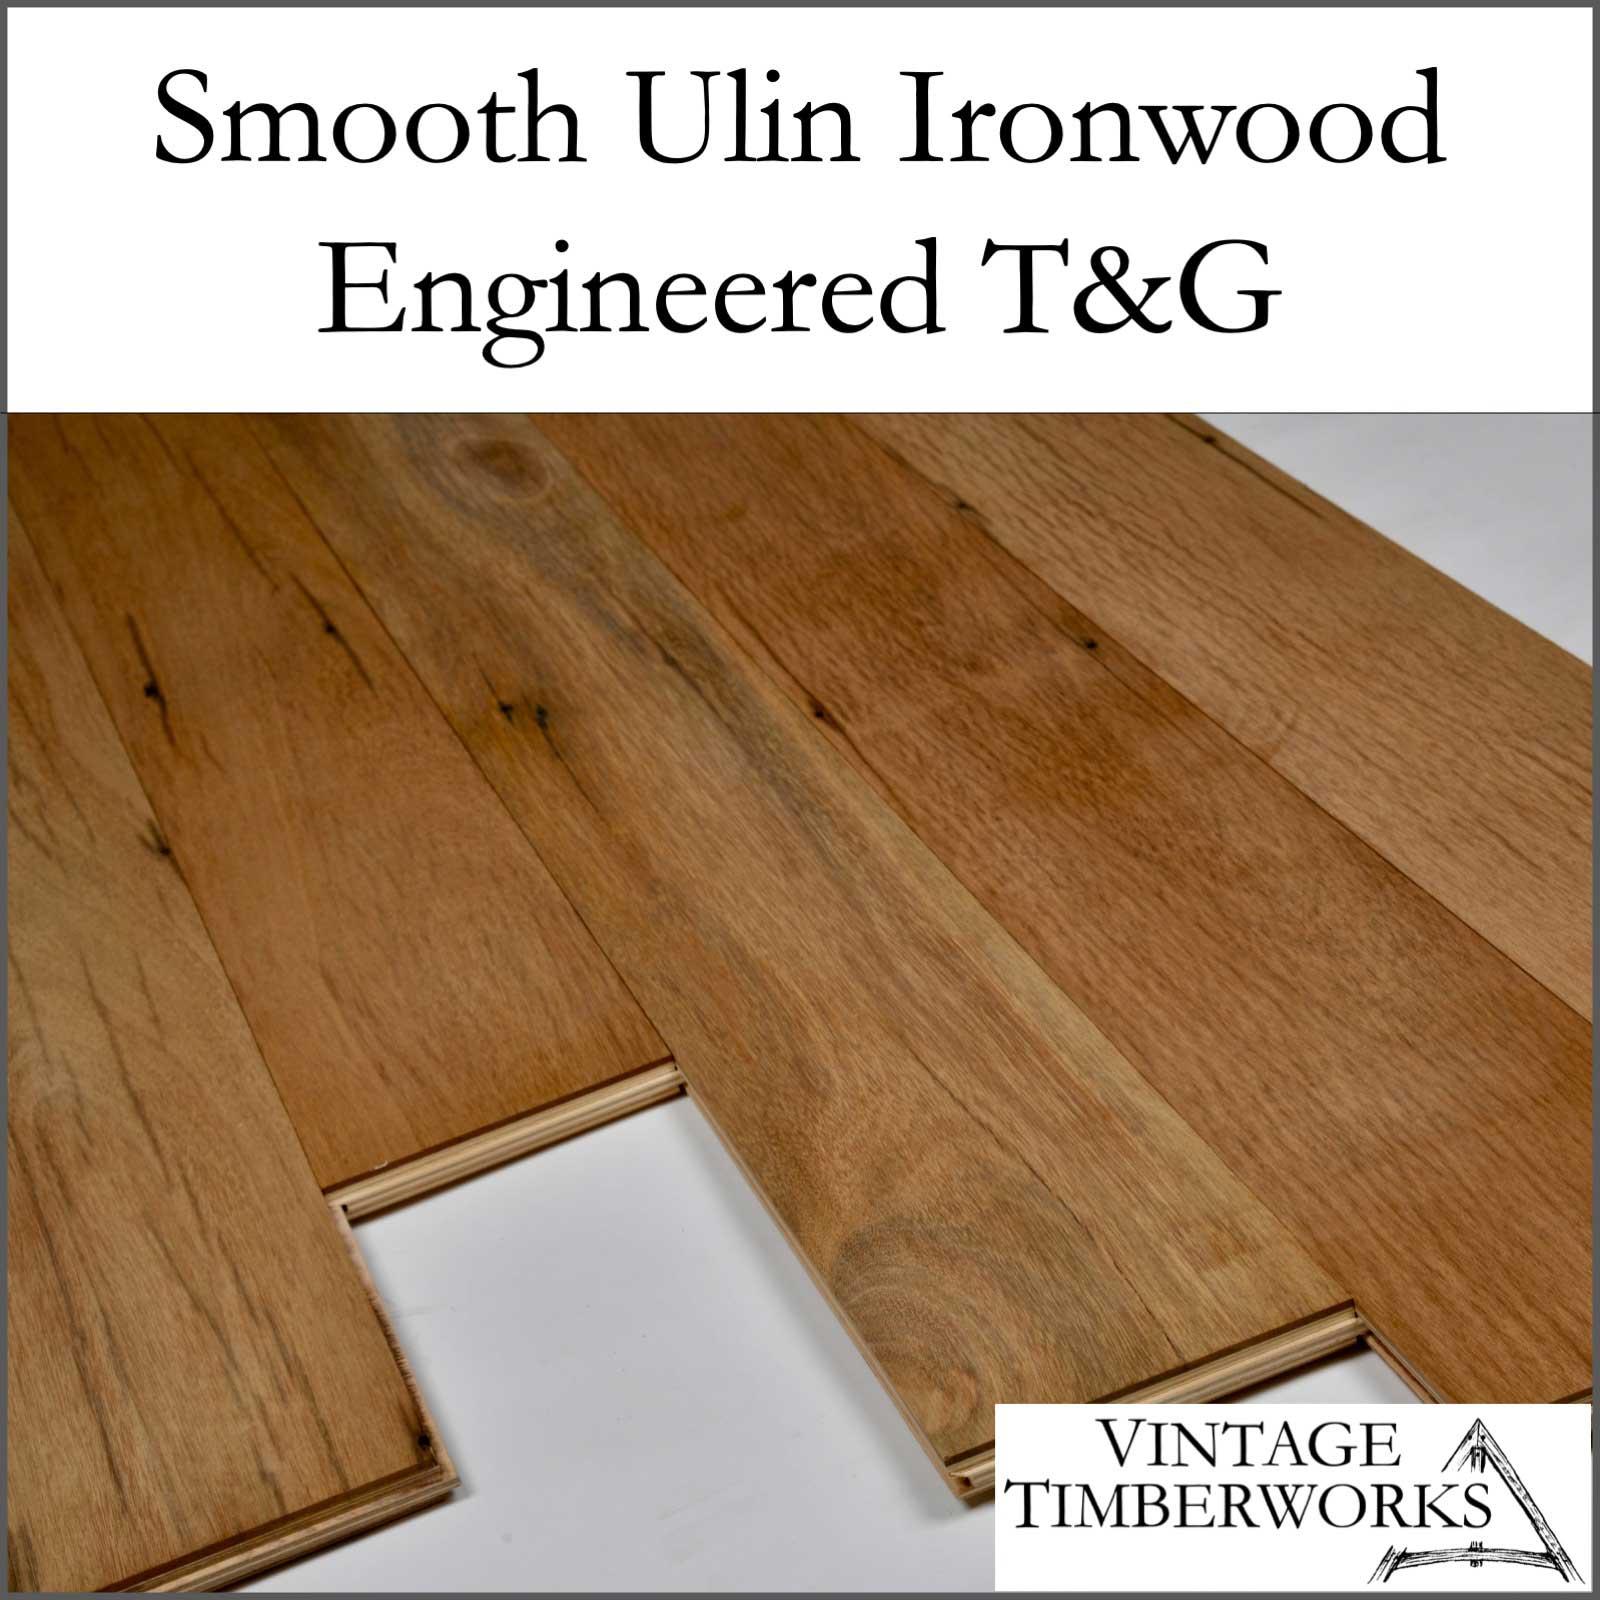 Smooth Ulin Ironwood Engineered Flooring - Ulin Ironwood